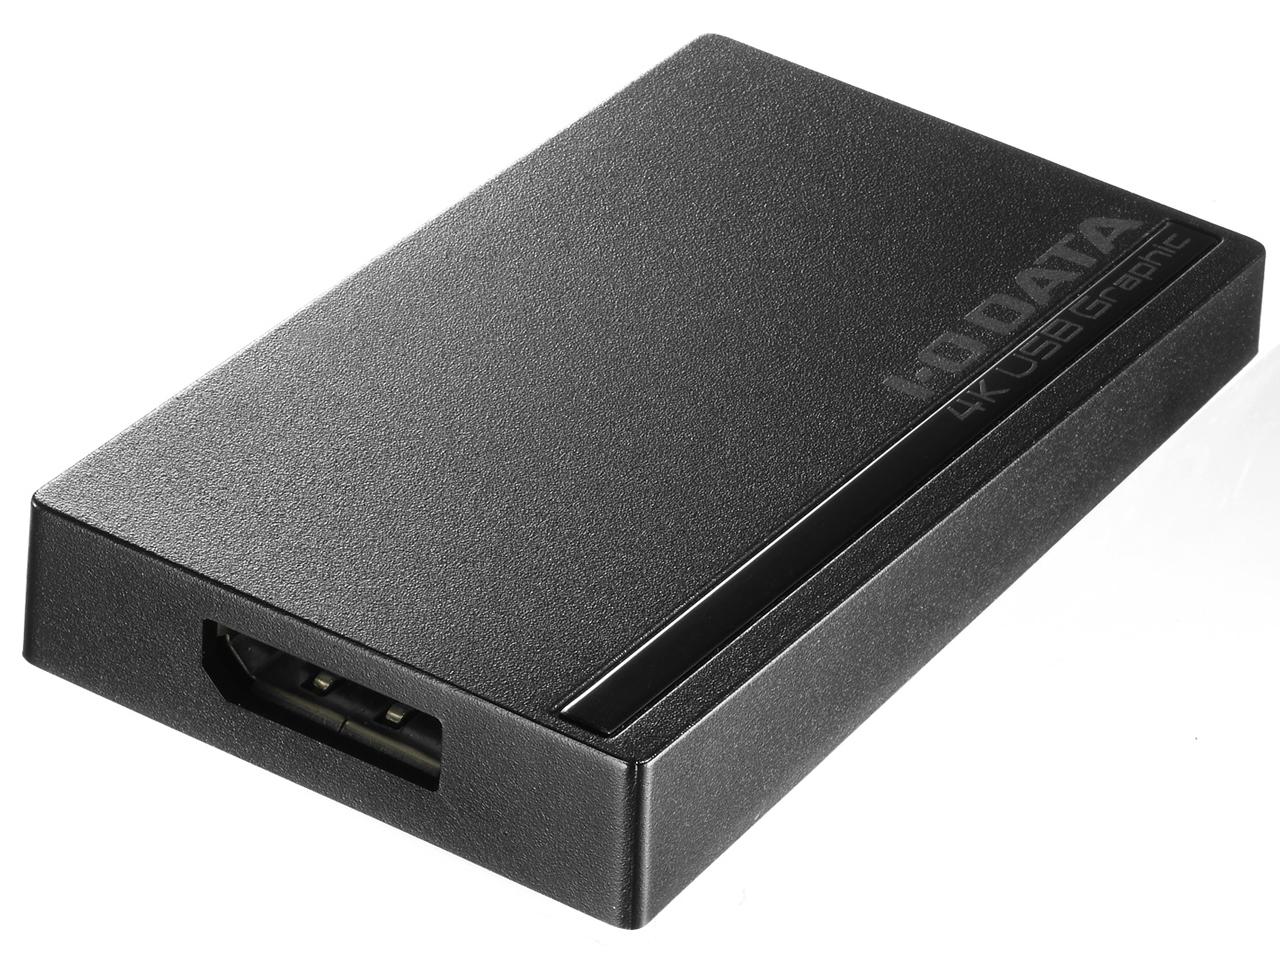 USBグラフィック USB-4K/DP の製品画像  USBグラフィック USB-4K/DP